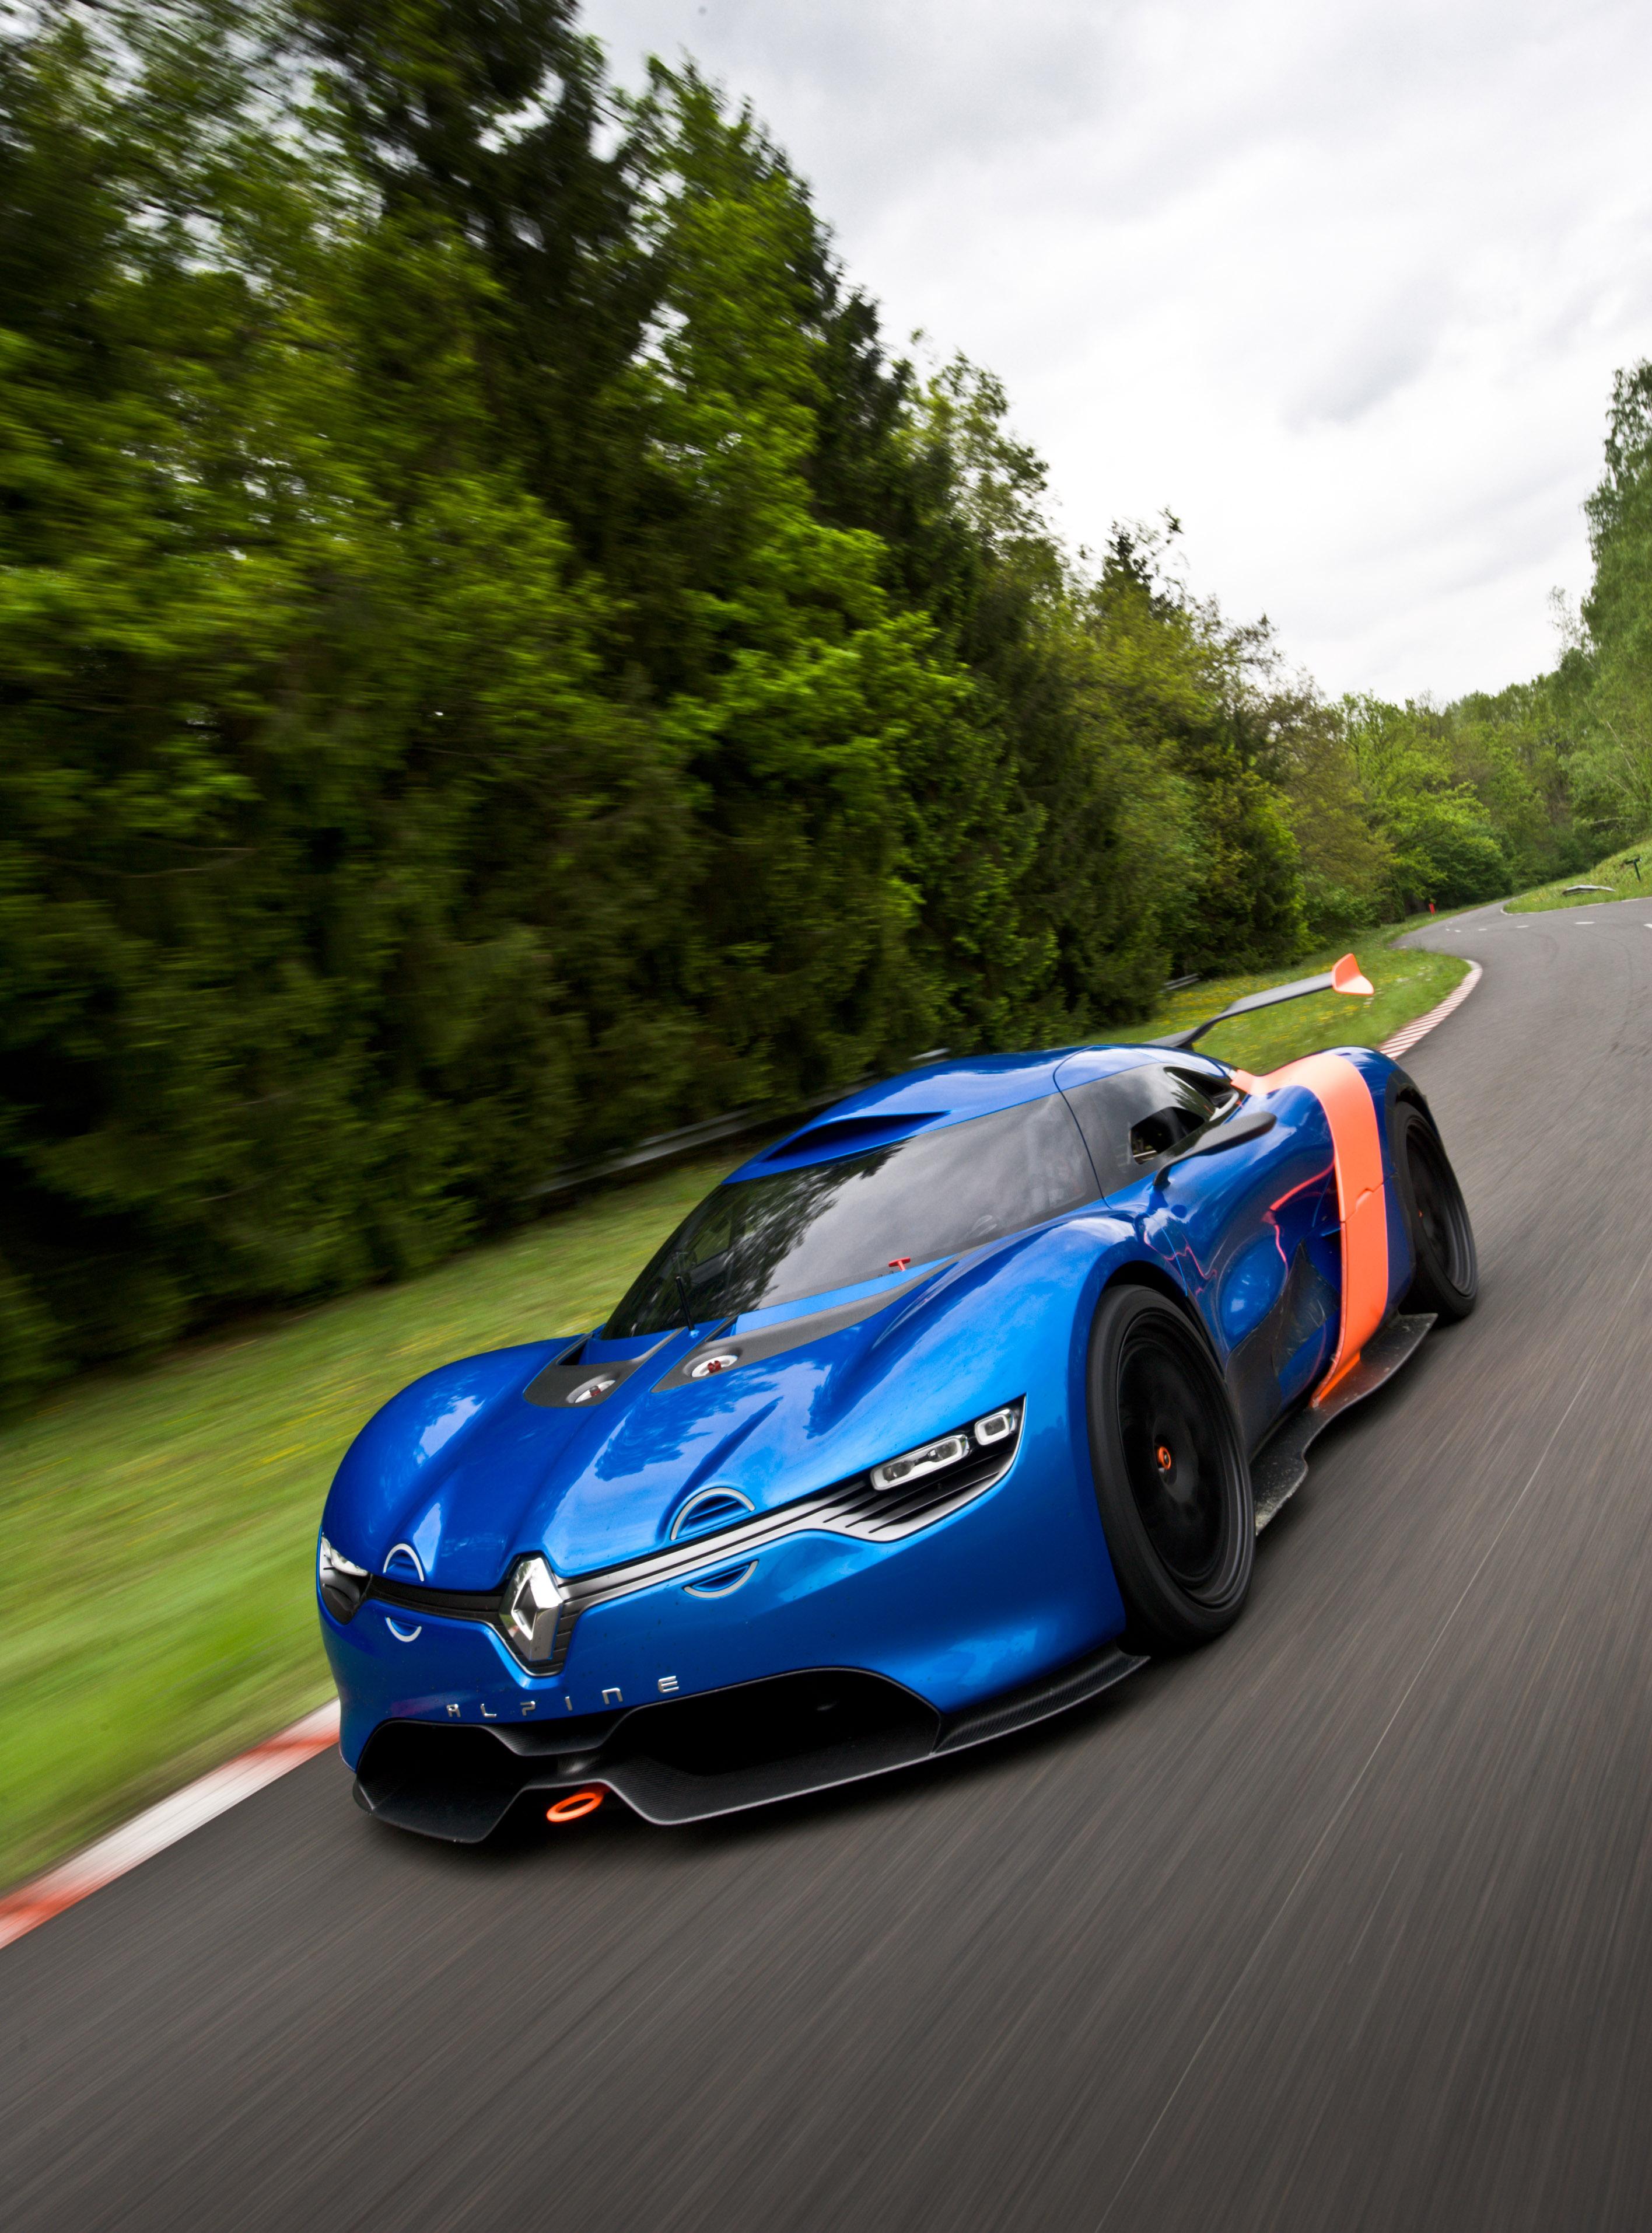 Renault Alpine A110-50 Concept photo #2